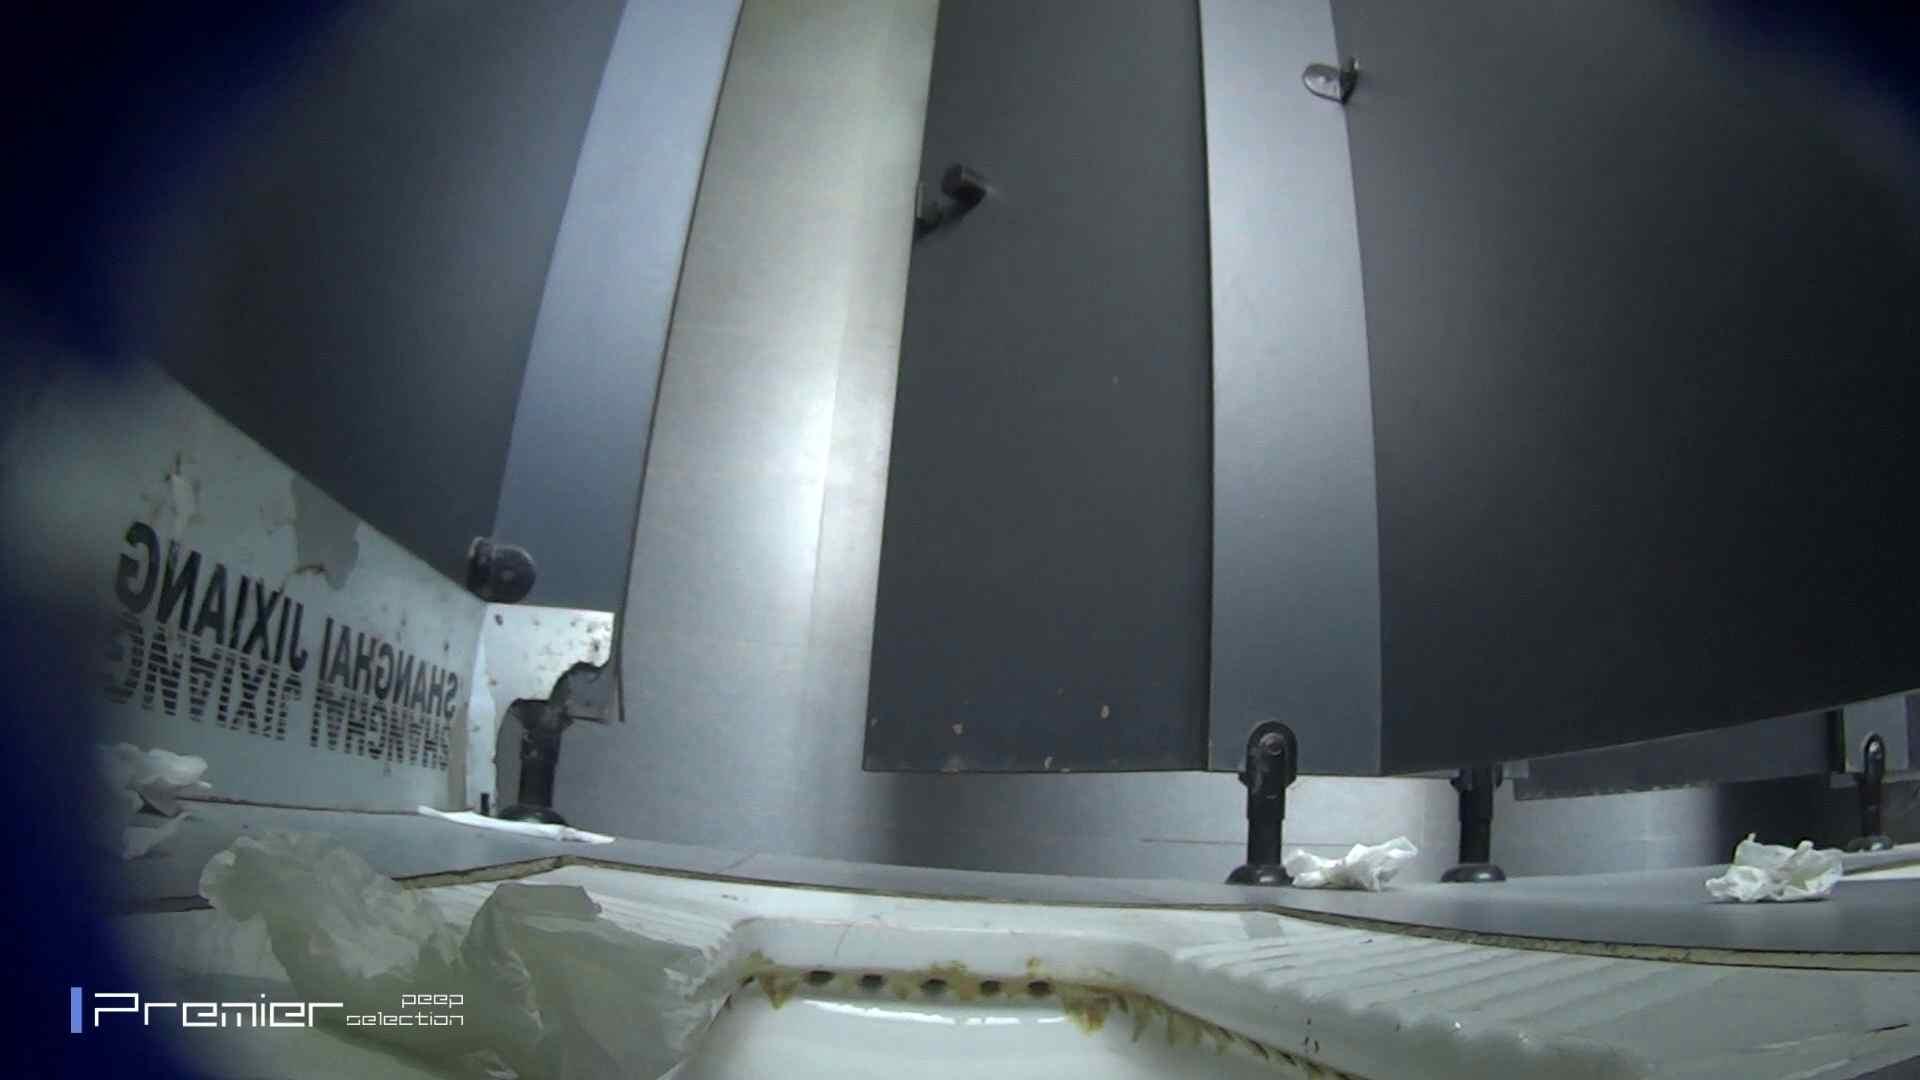 スキニージーンズの美女 大学休憩時間の洗面所事情56 丸見え おまんこ動画流出 106枚 63